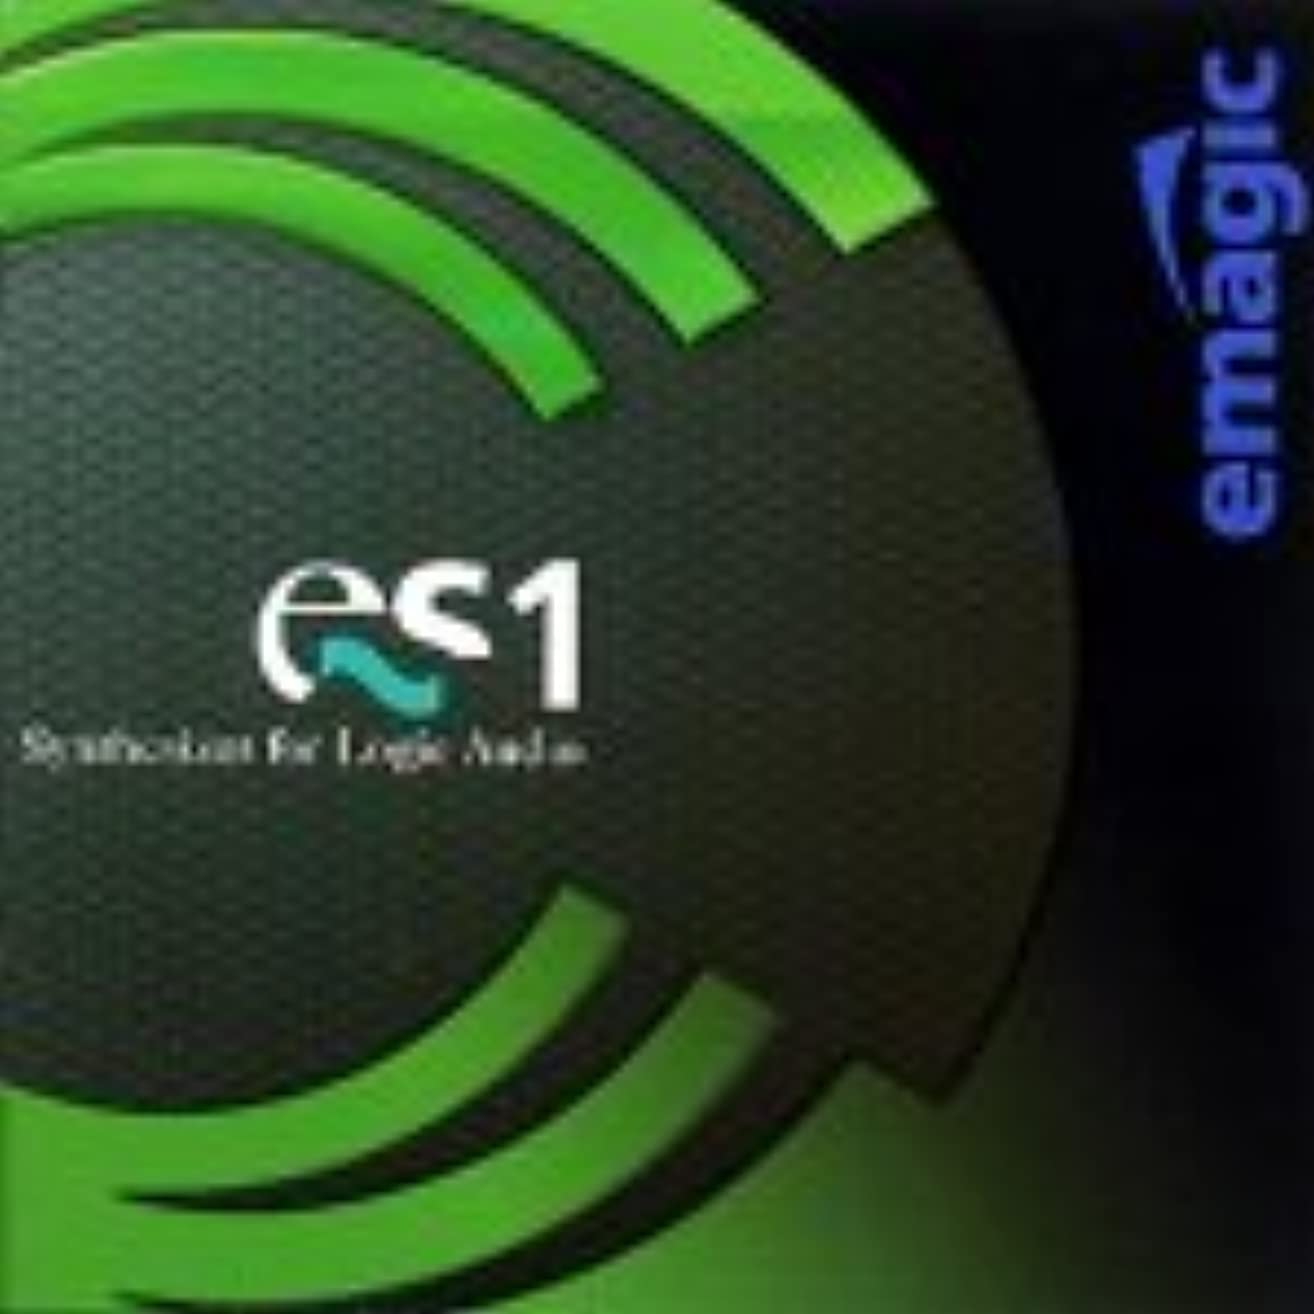 意図ディスコ特異なES1(Emagic Synthsizer One)